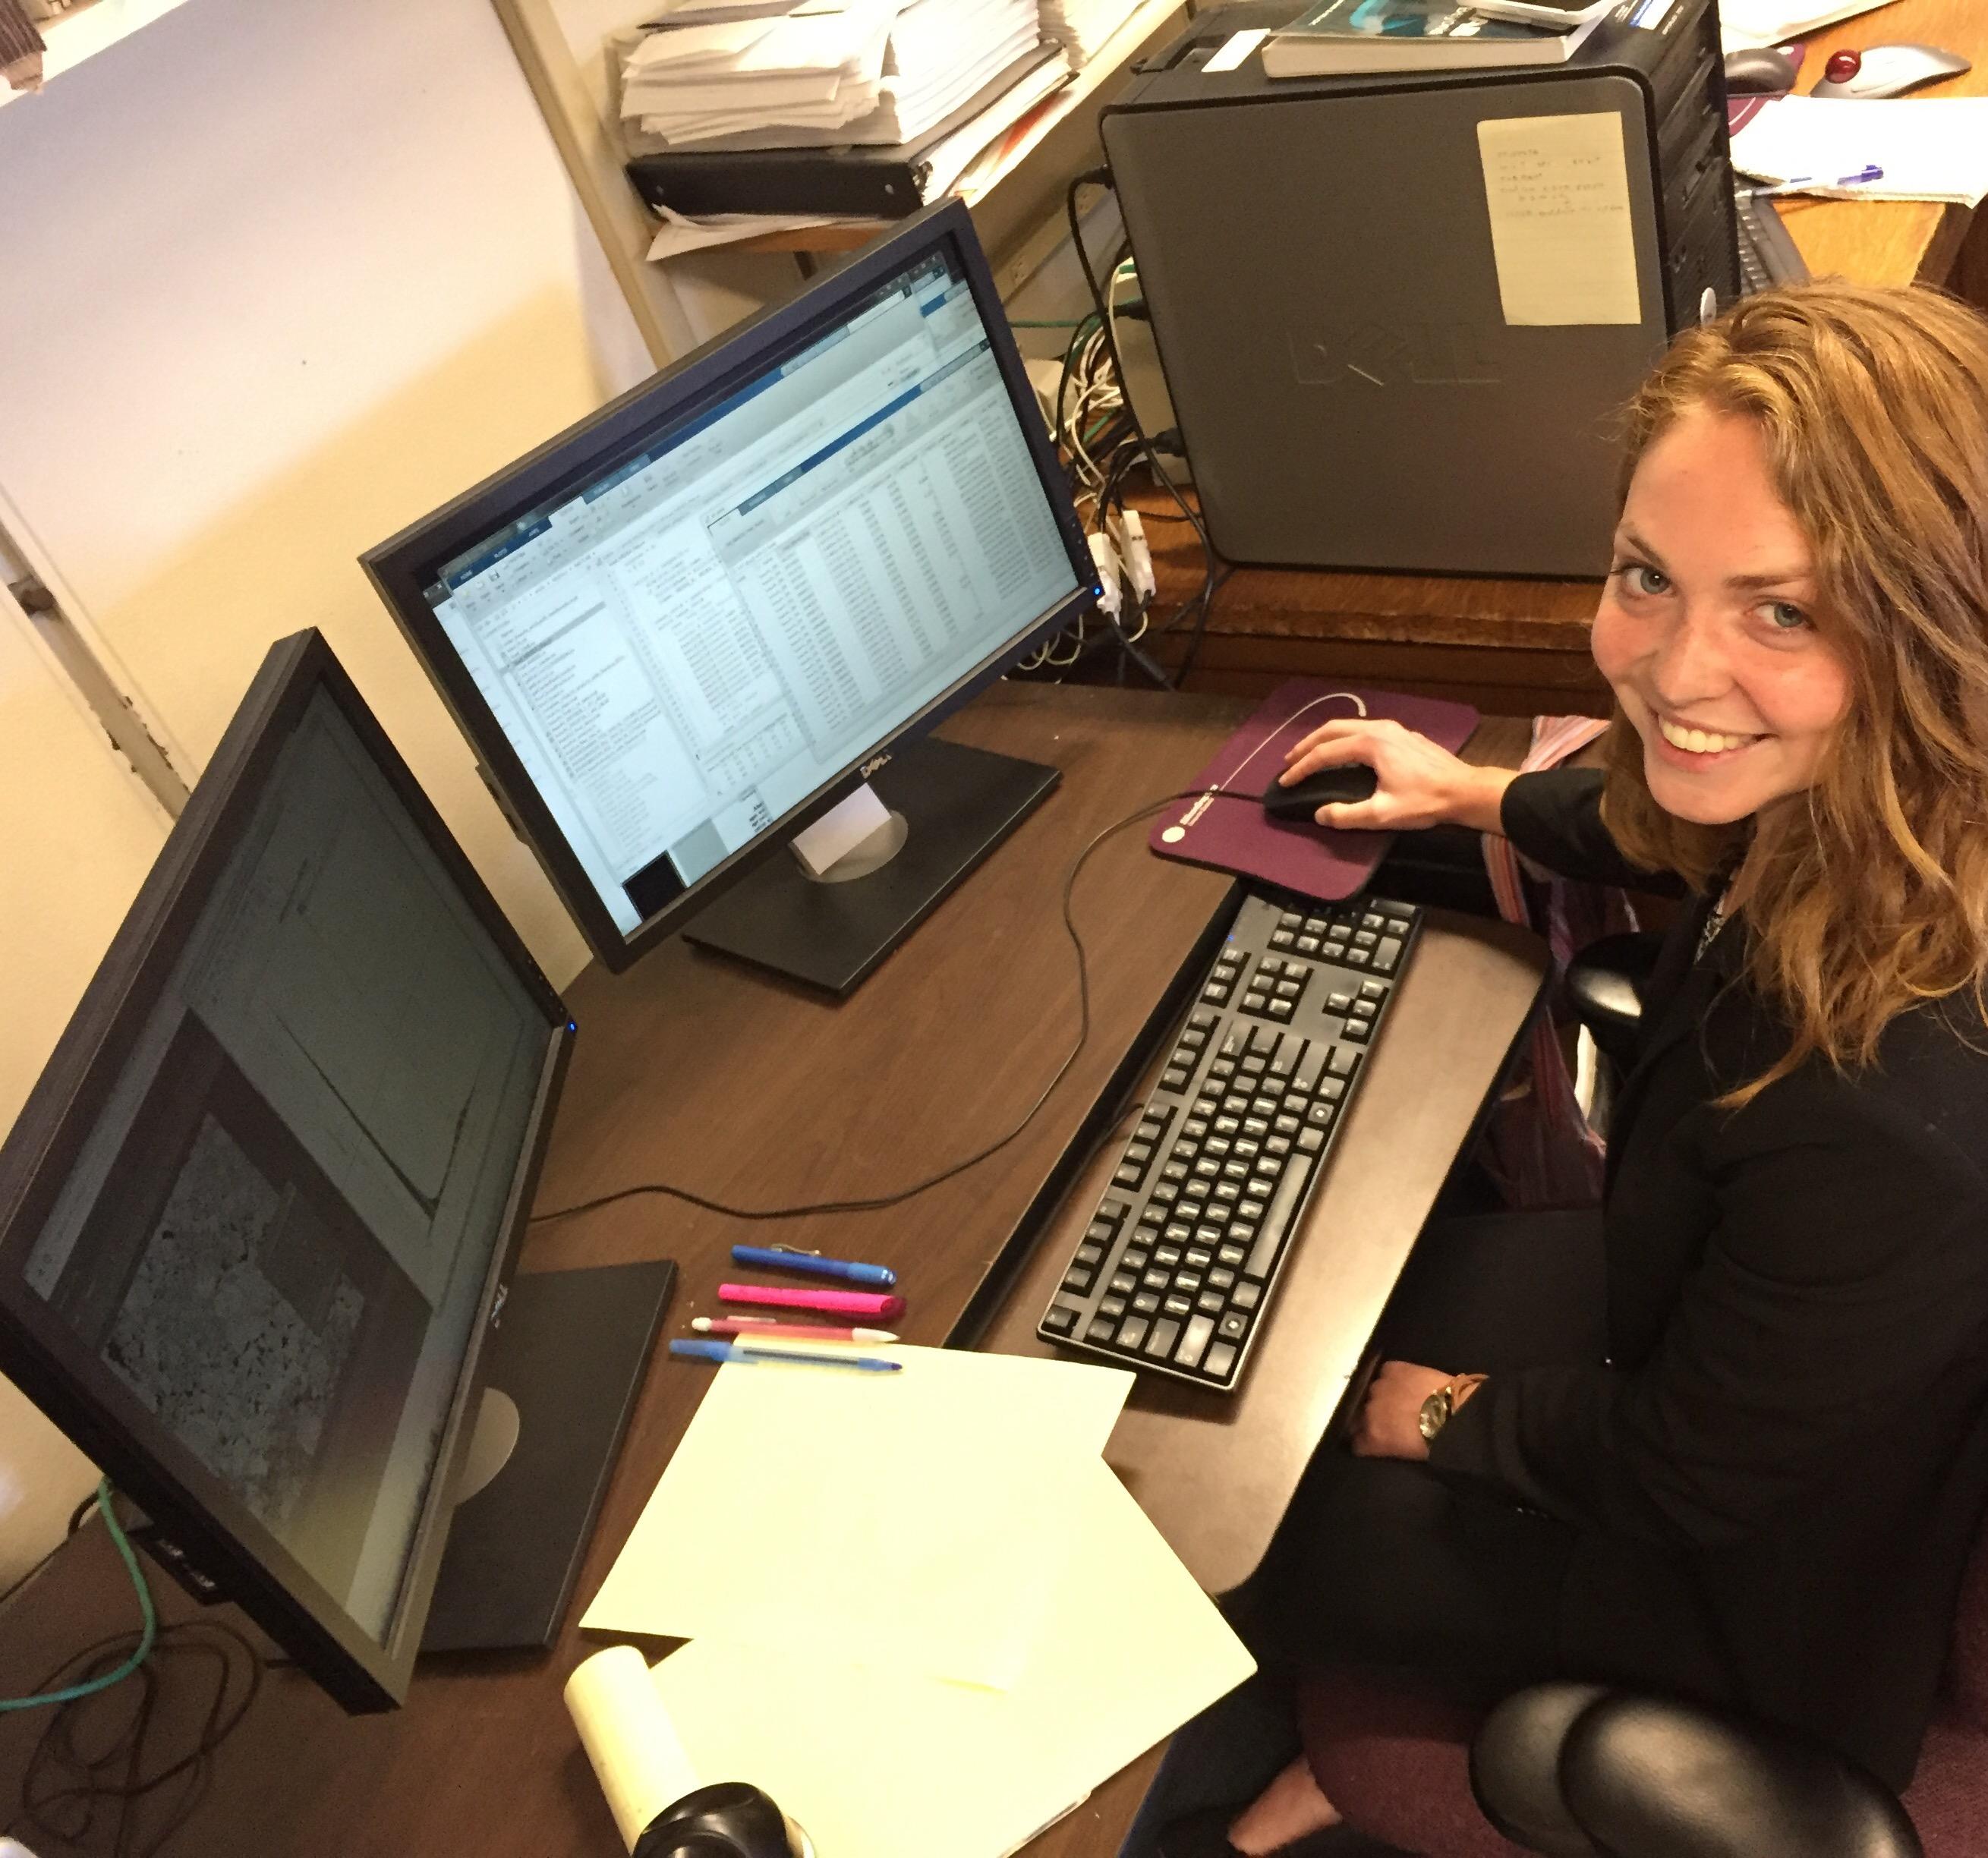 Emily Peterson working on satellite data analysis